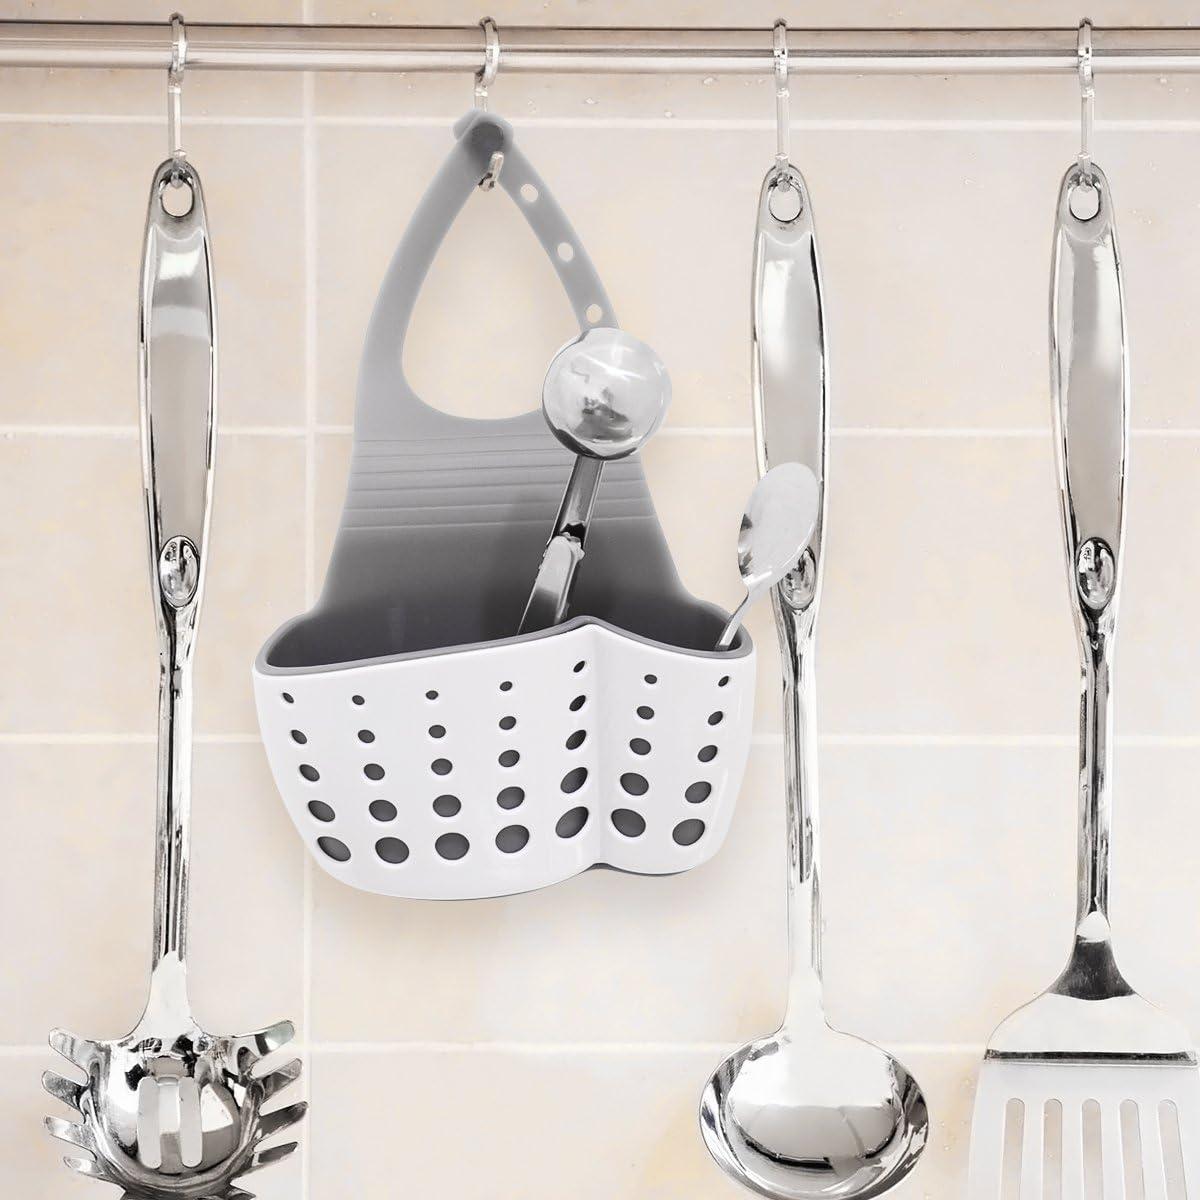 ounona titular organizador Caddy fregadero de cocina esponja soporte de drenaje escurridor blanco